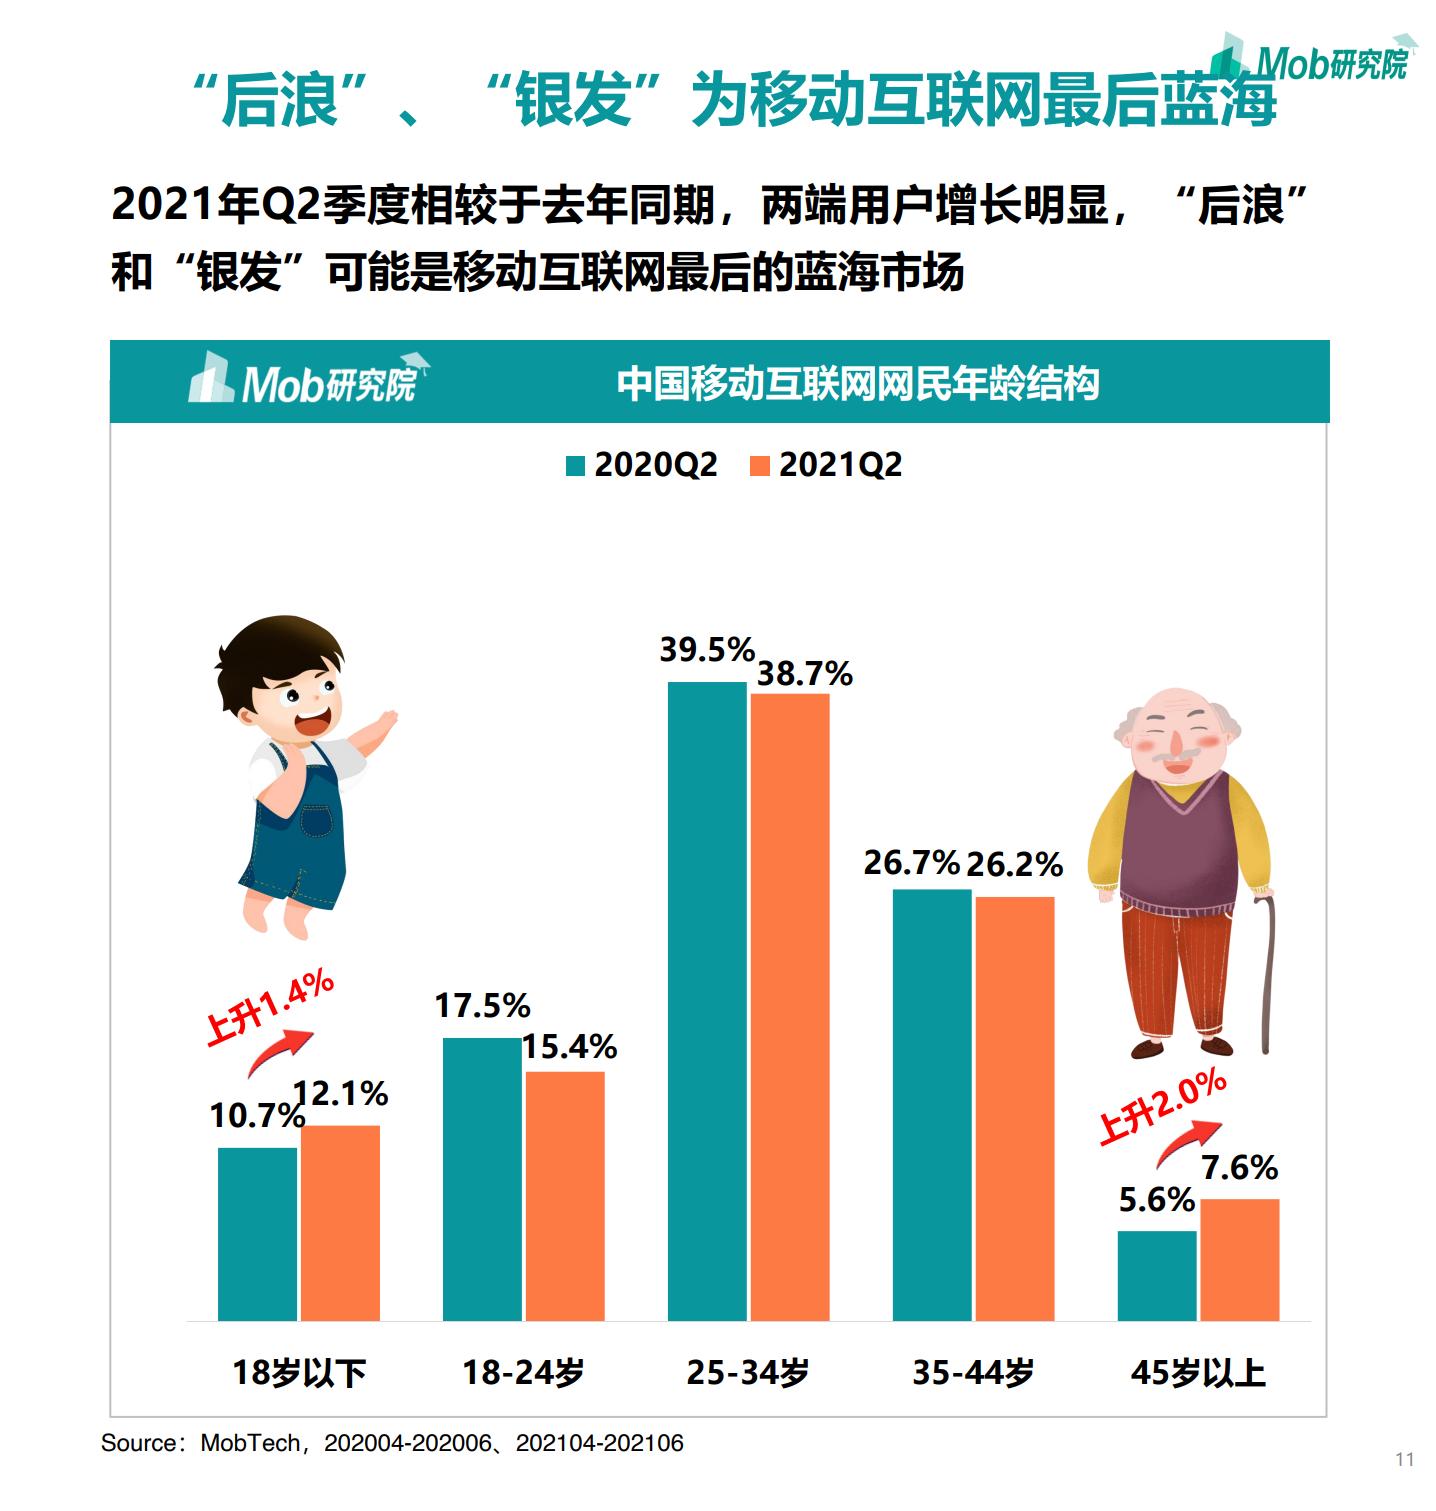 2021年中国移动互联网半年度大报告插图10